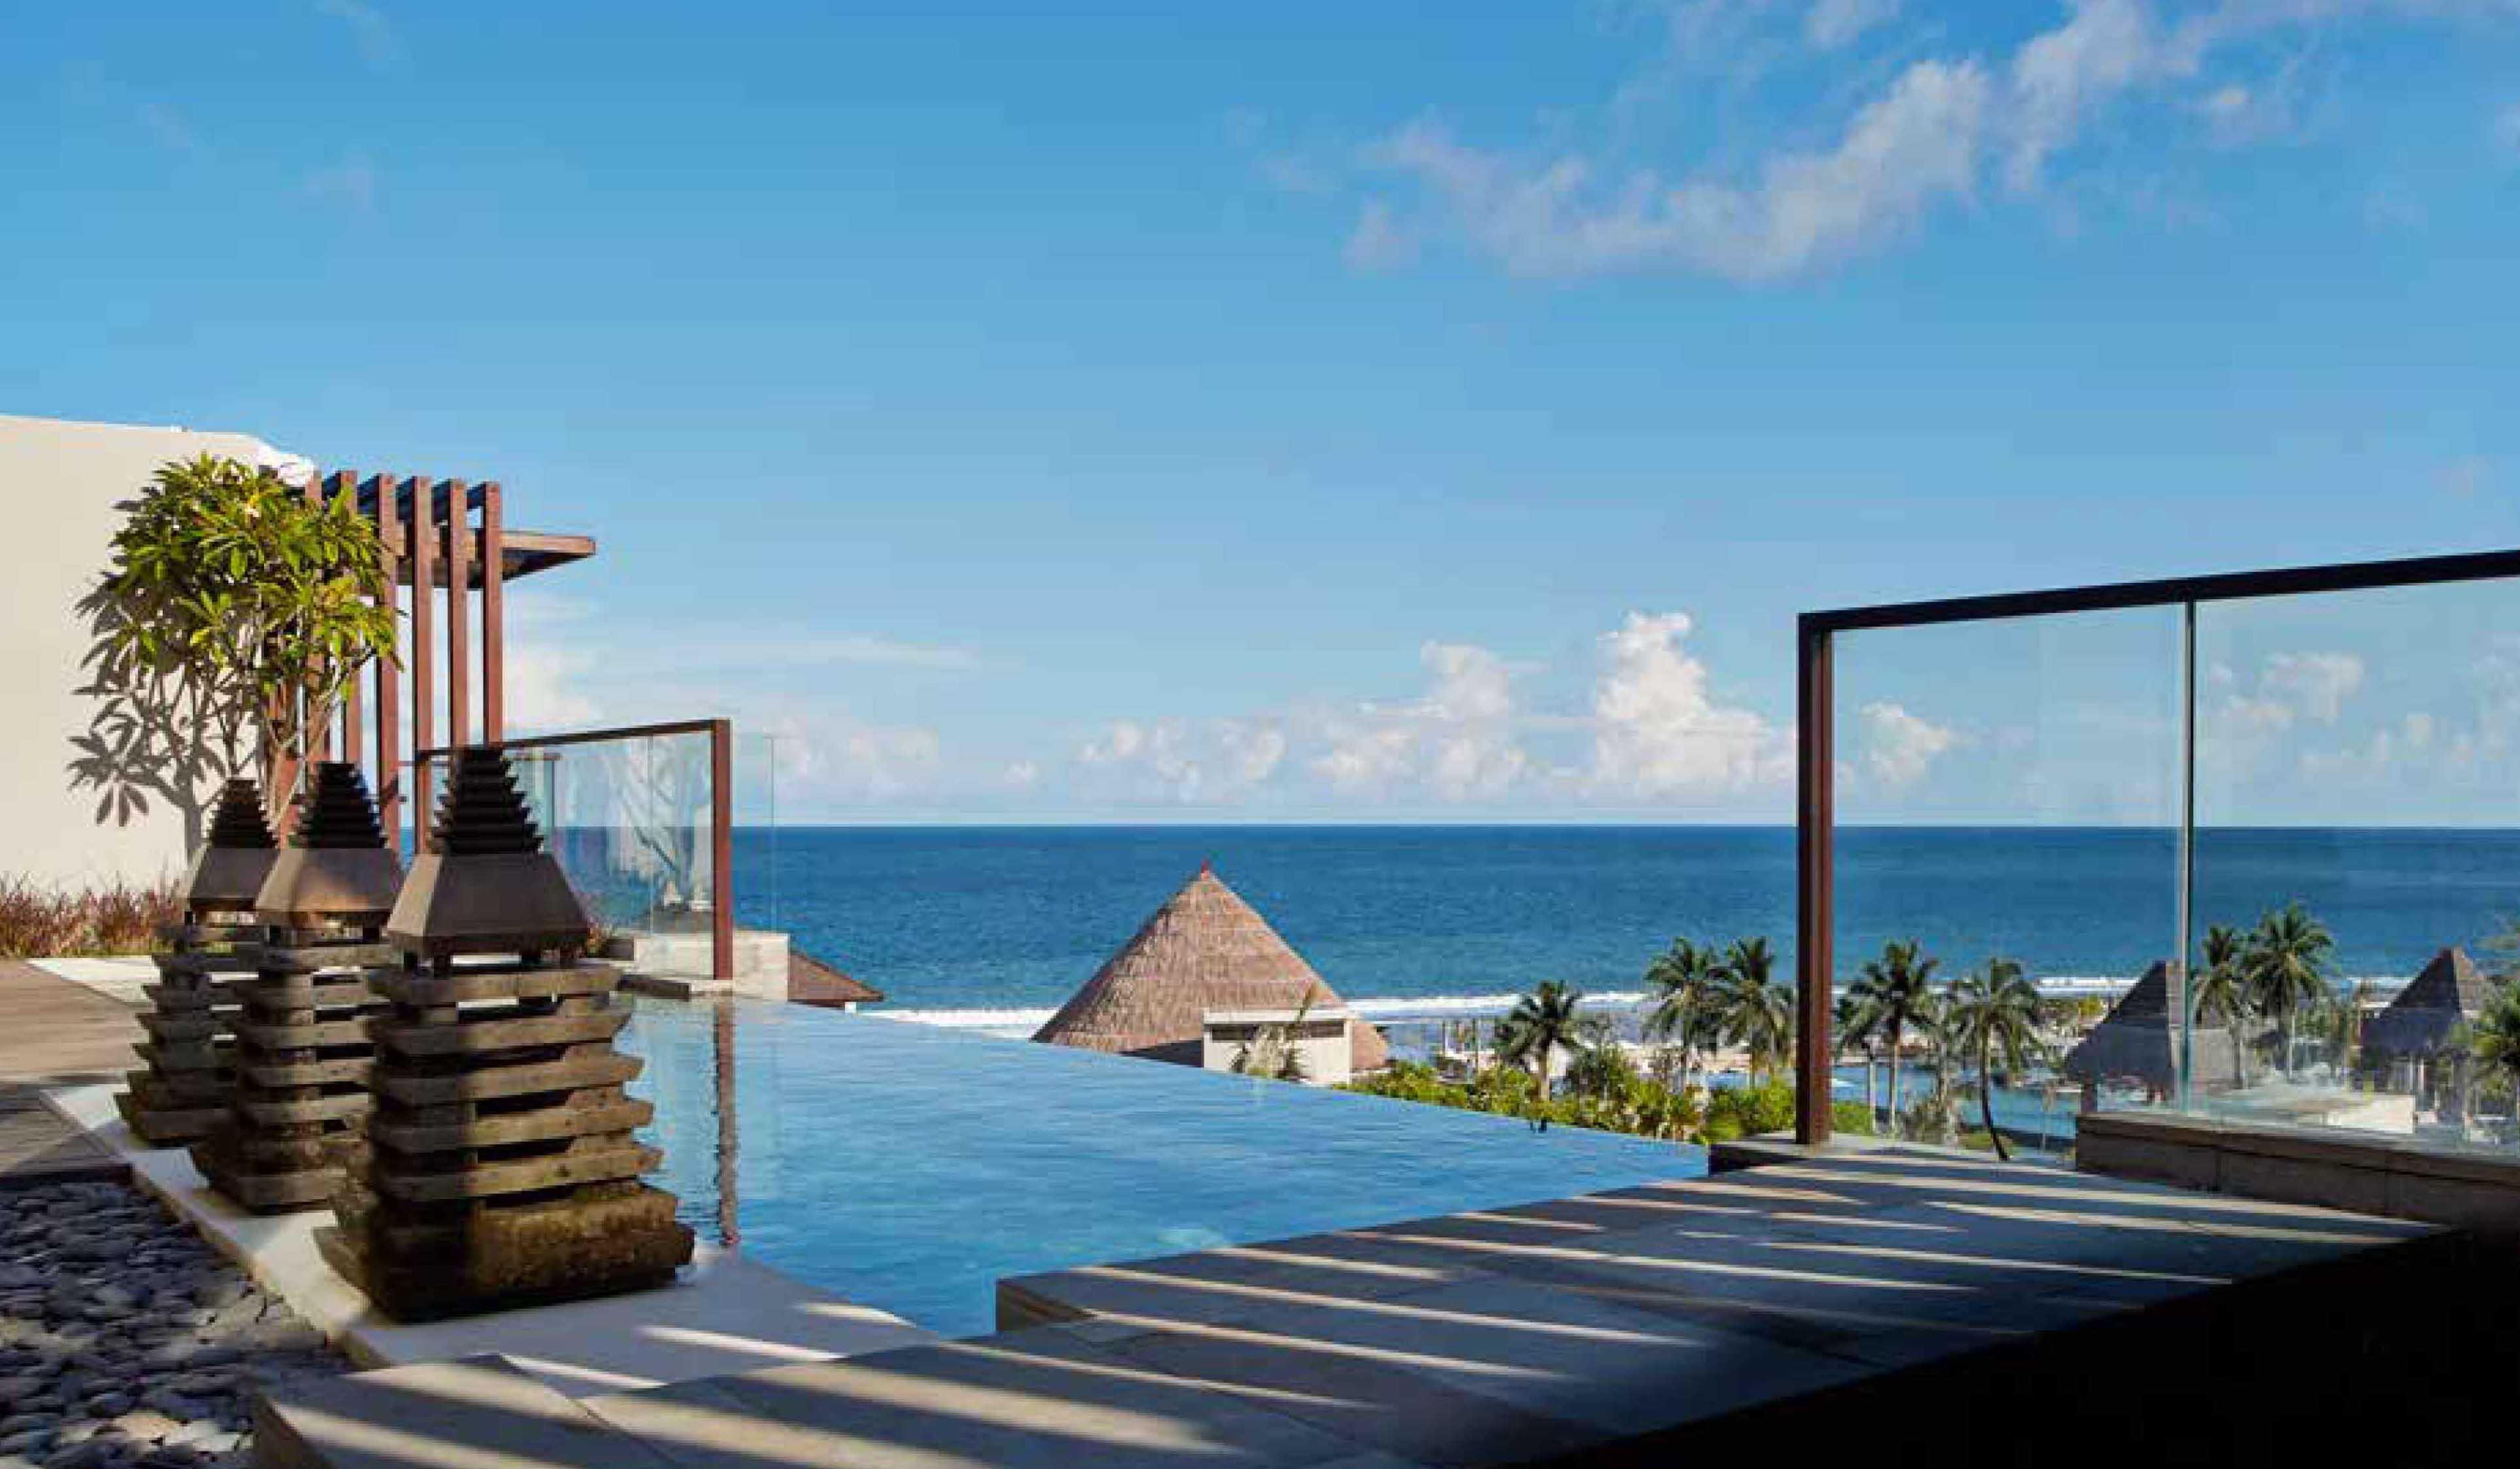 巴厘岛丽思卡尔顿度假村<br/>The Ritz-Carlton Bali